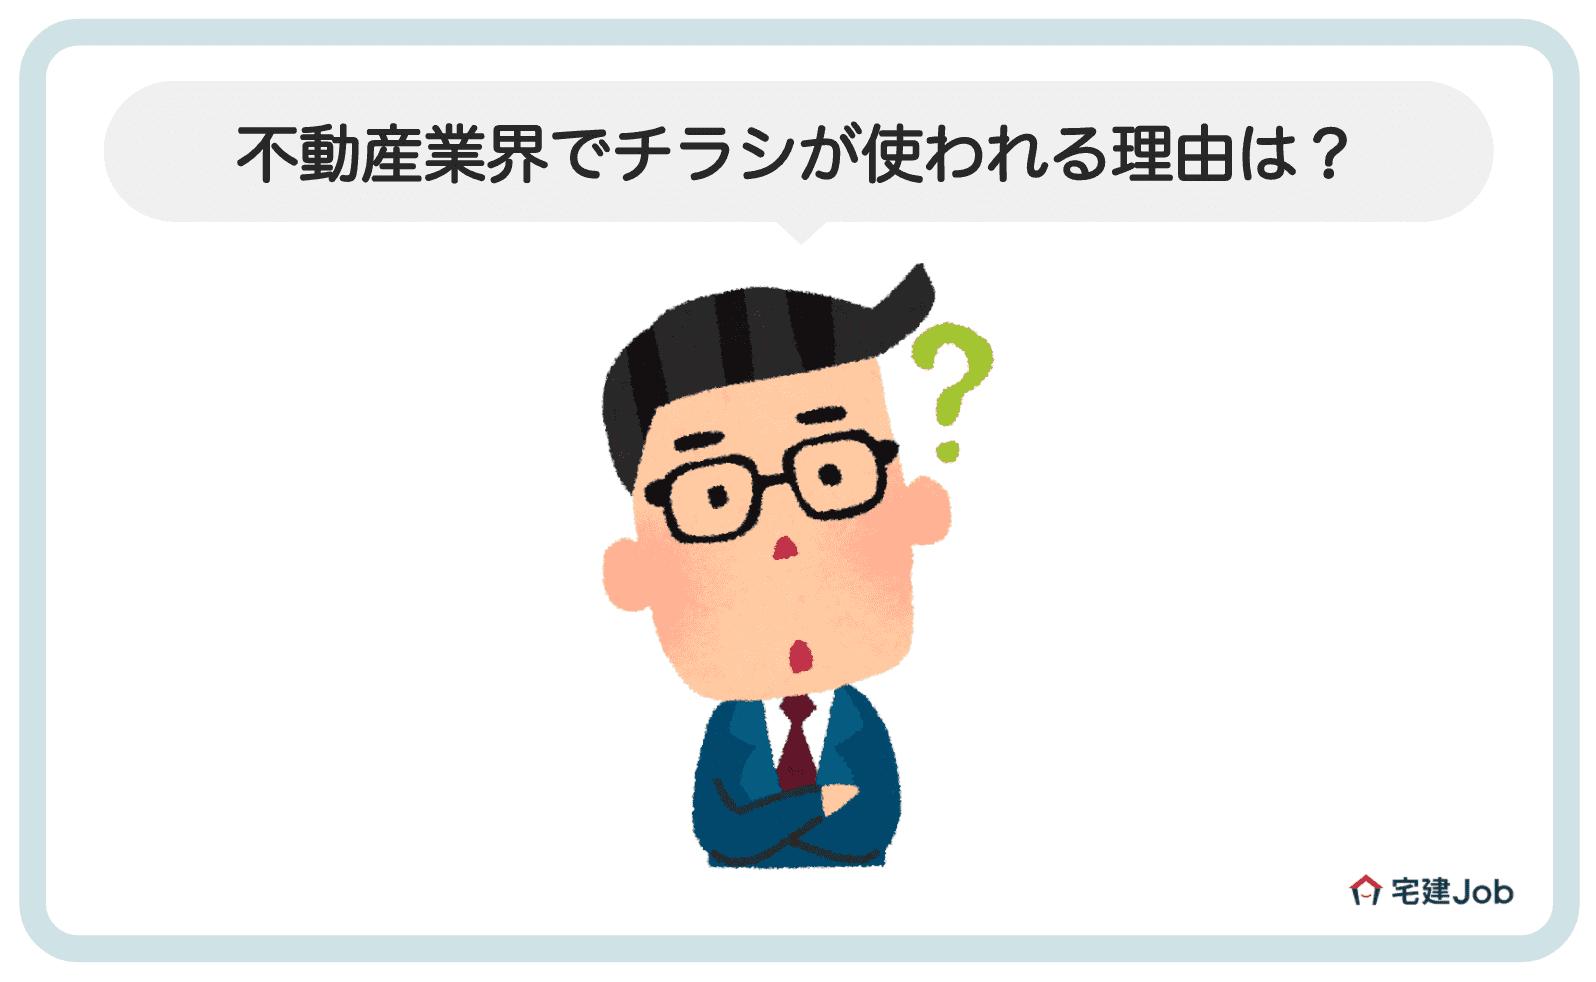 1.不動産業界でチラシが使われる理由【反響はある?】